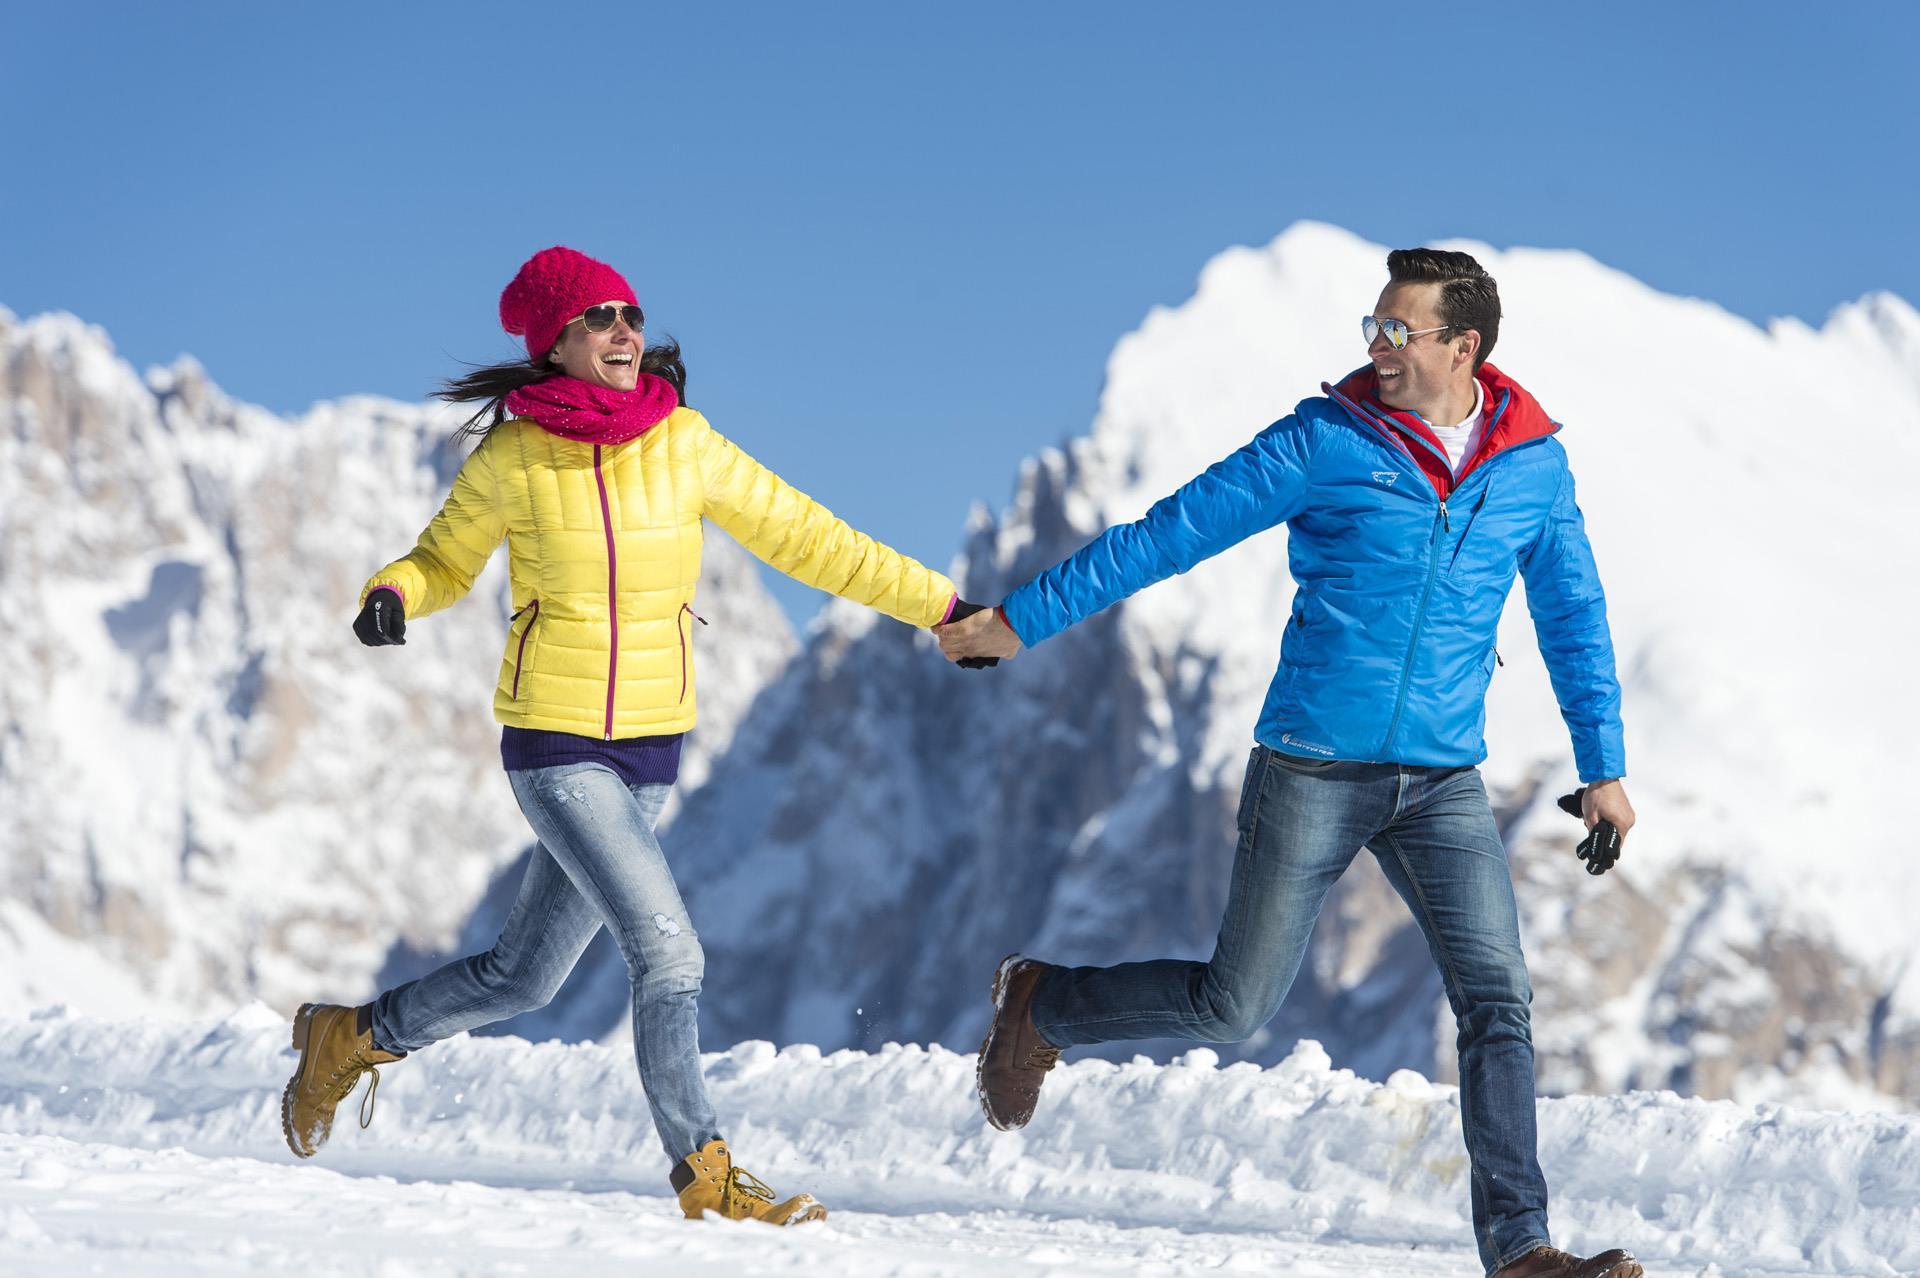 Winterwandung auf der Seiser Alm